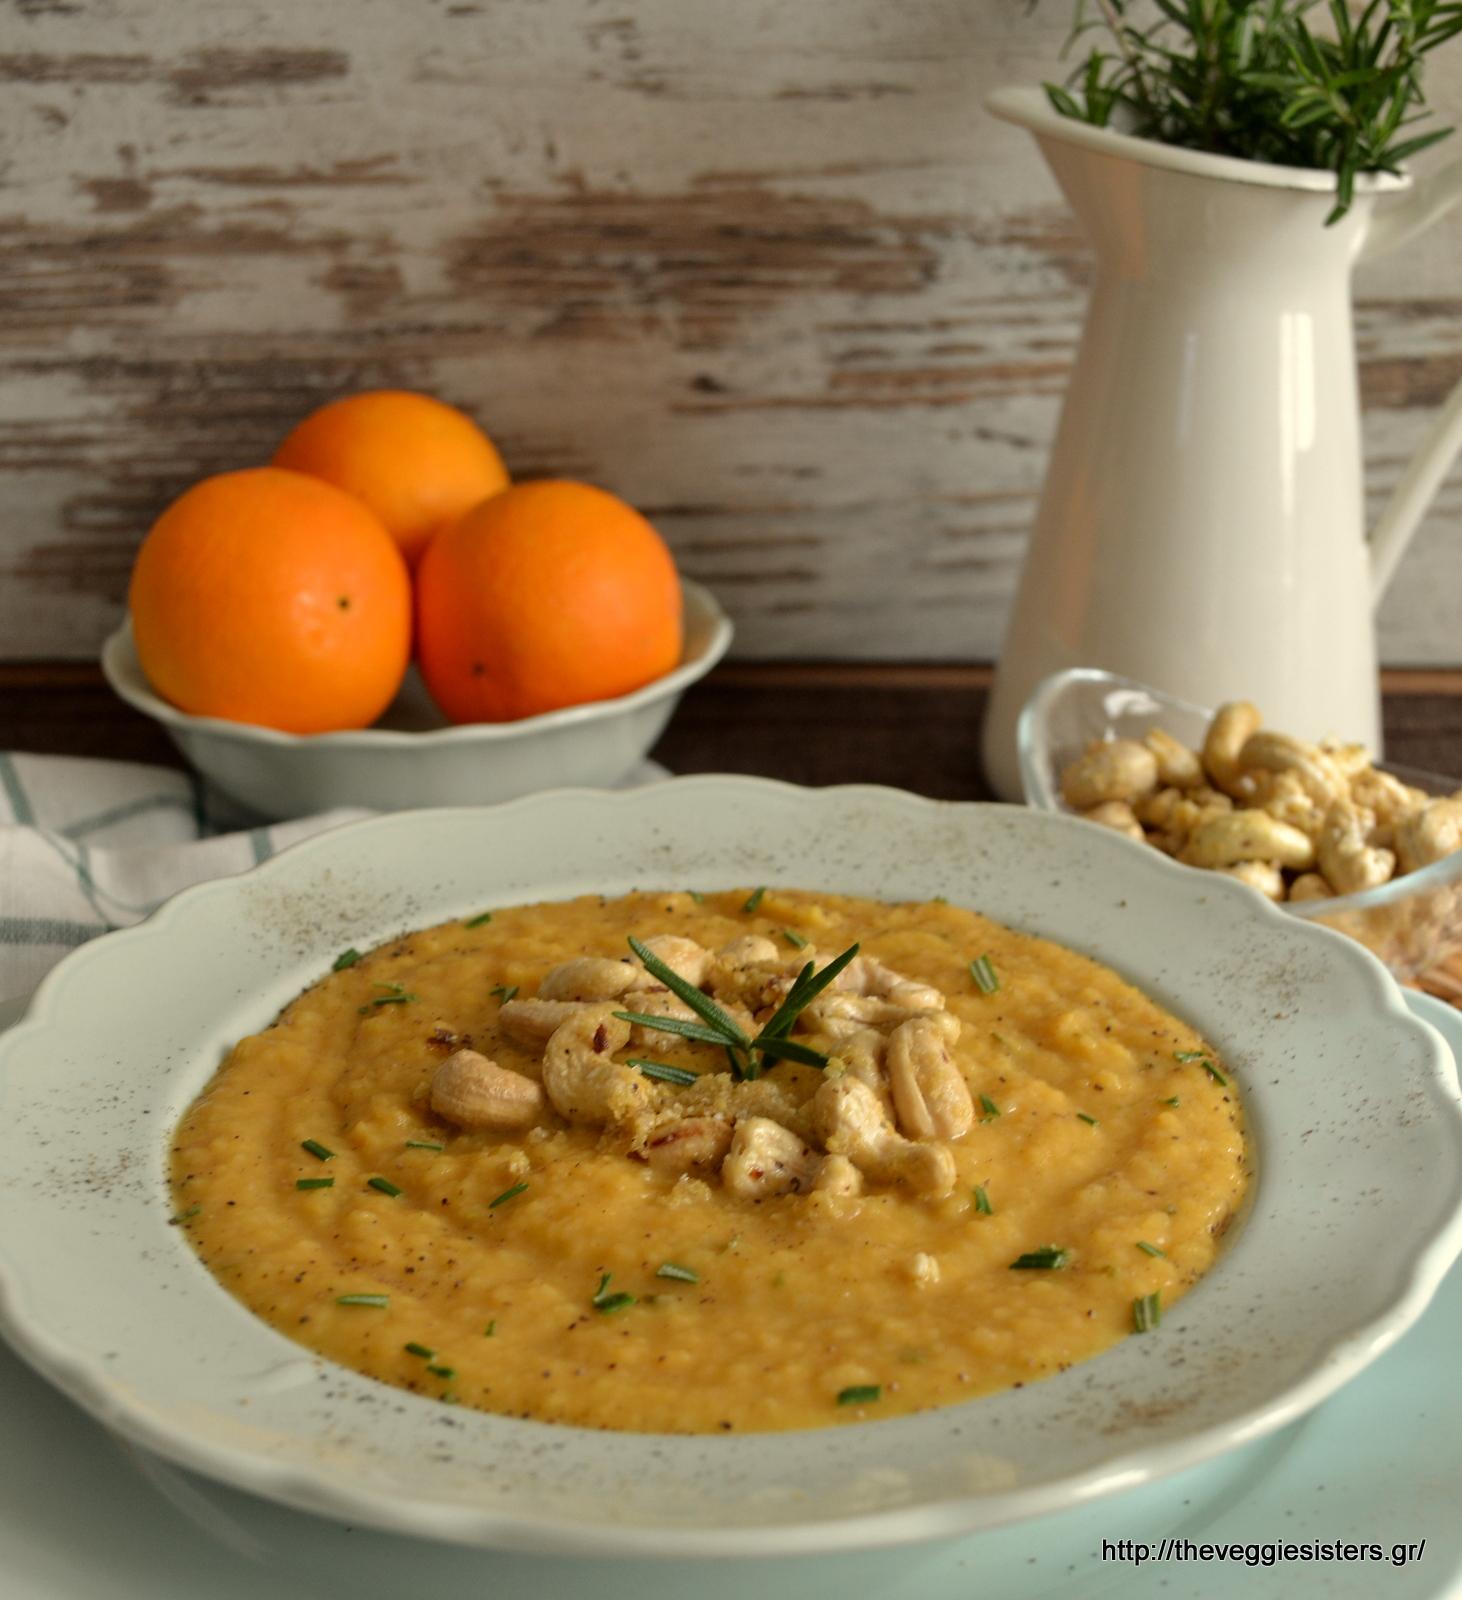 Σούπα με γλυκοπατάτα, ρέβα (γογγύλι) κ σκορδάτα κάσιους - Sweet potato turnip soup with garlicky cashews